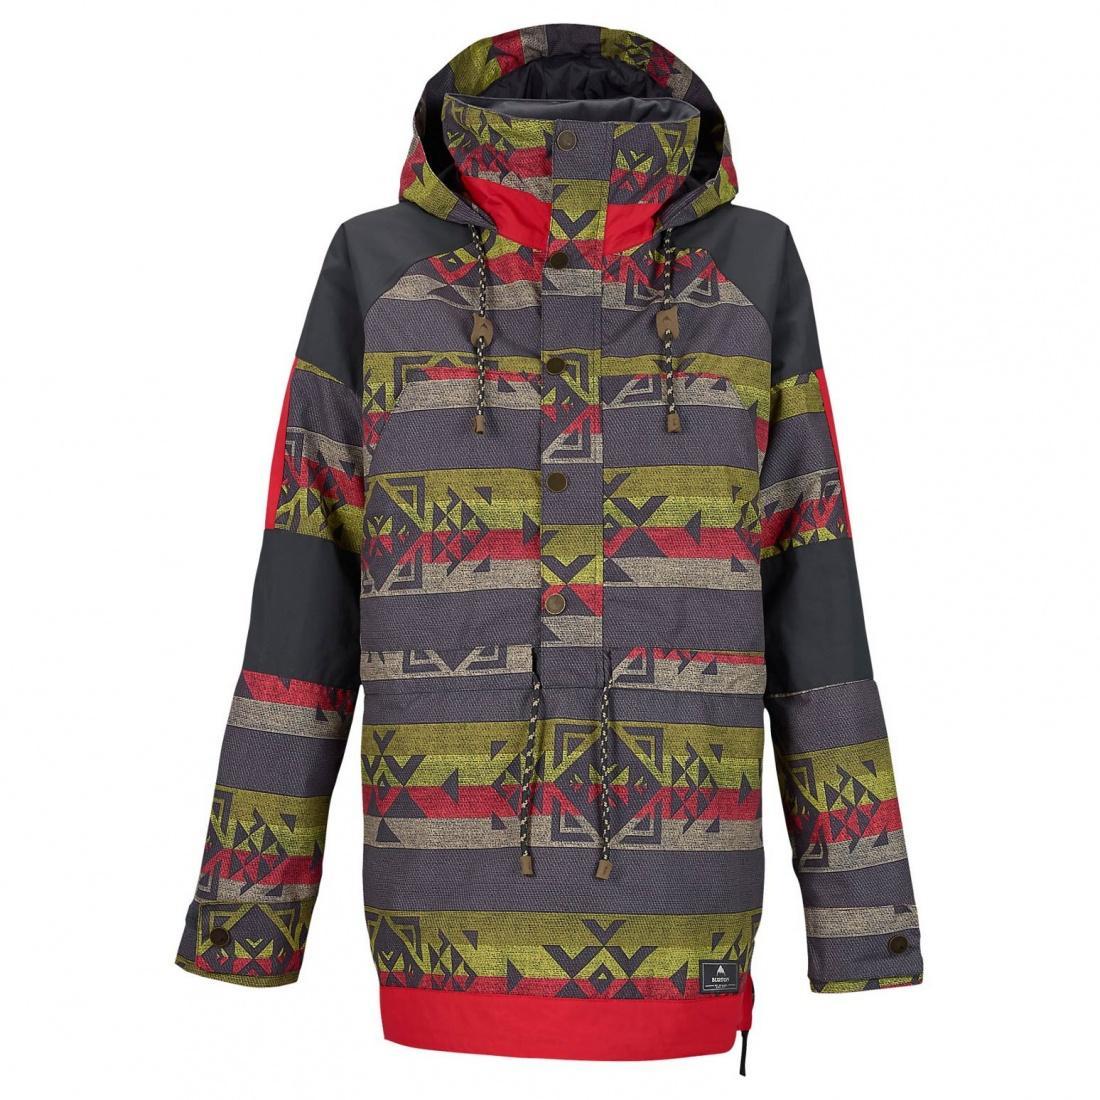 Куртка г/л WB CINDER JKКуртки<br>Особенности<br><br>Материал DRYRIDE Durashell<br><br>Тафтовая подкладка<br><br>Проклеенные критические швы<br><br>Внешний аудио карман...<br><br>Цвет: Серый<br>Размер: XS